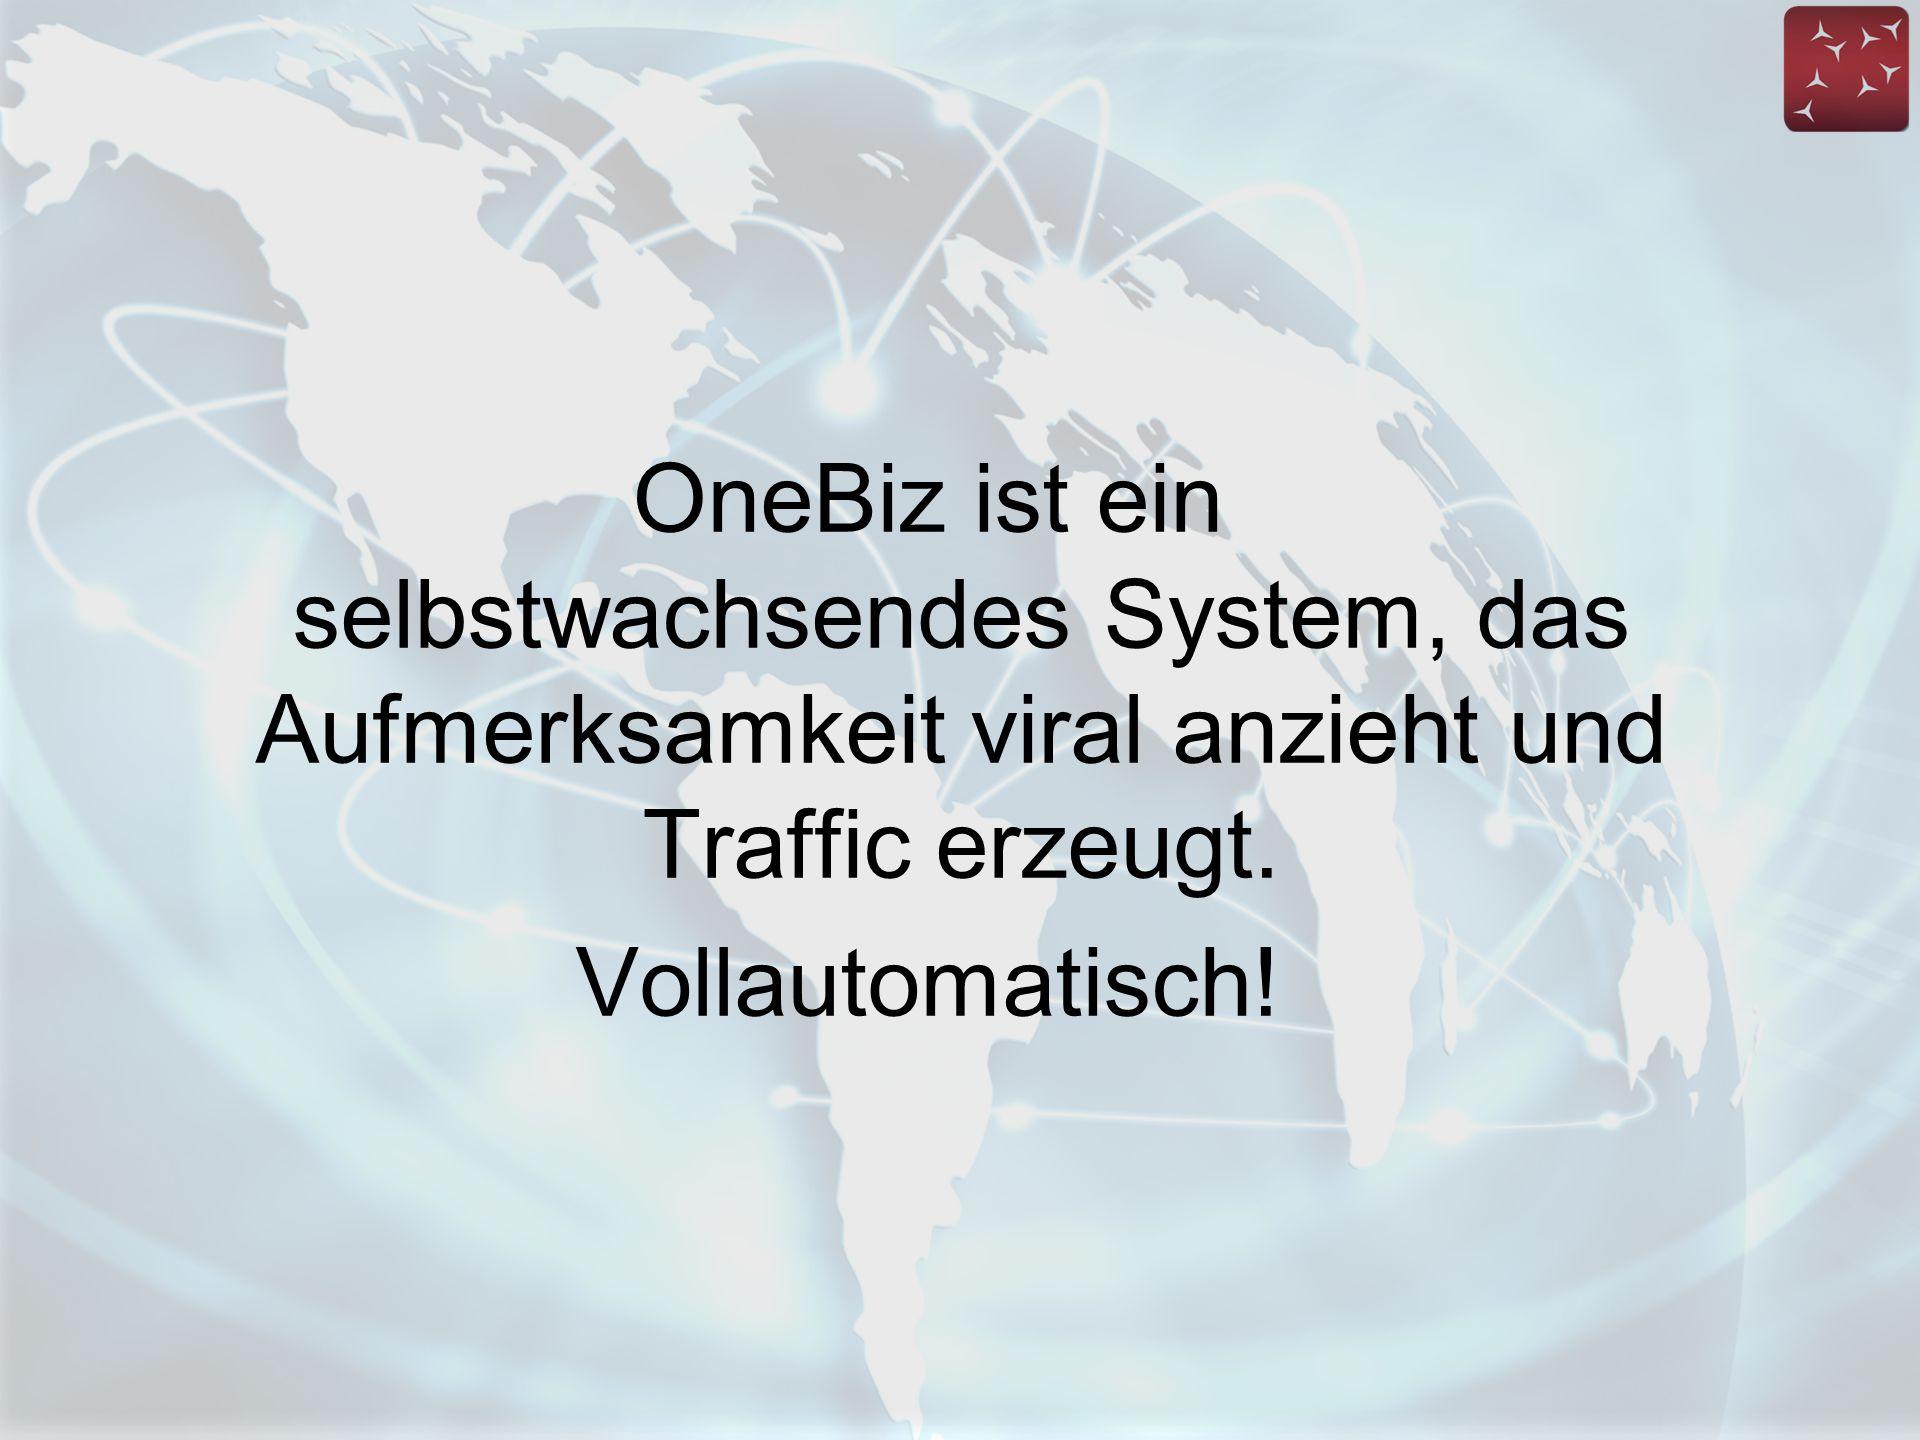 OneBiz ist ein selbstwachsendes System, das Aufmerksamkeit viral anzieht und Traffic erzeugt. Vollautomatisch!